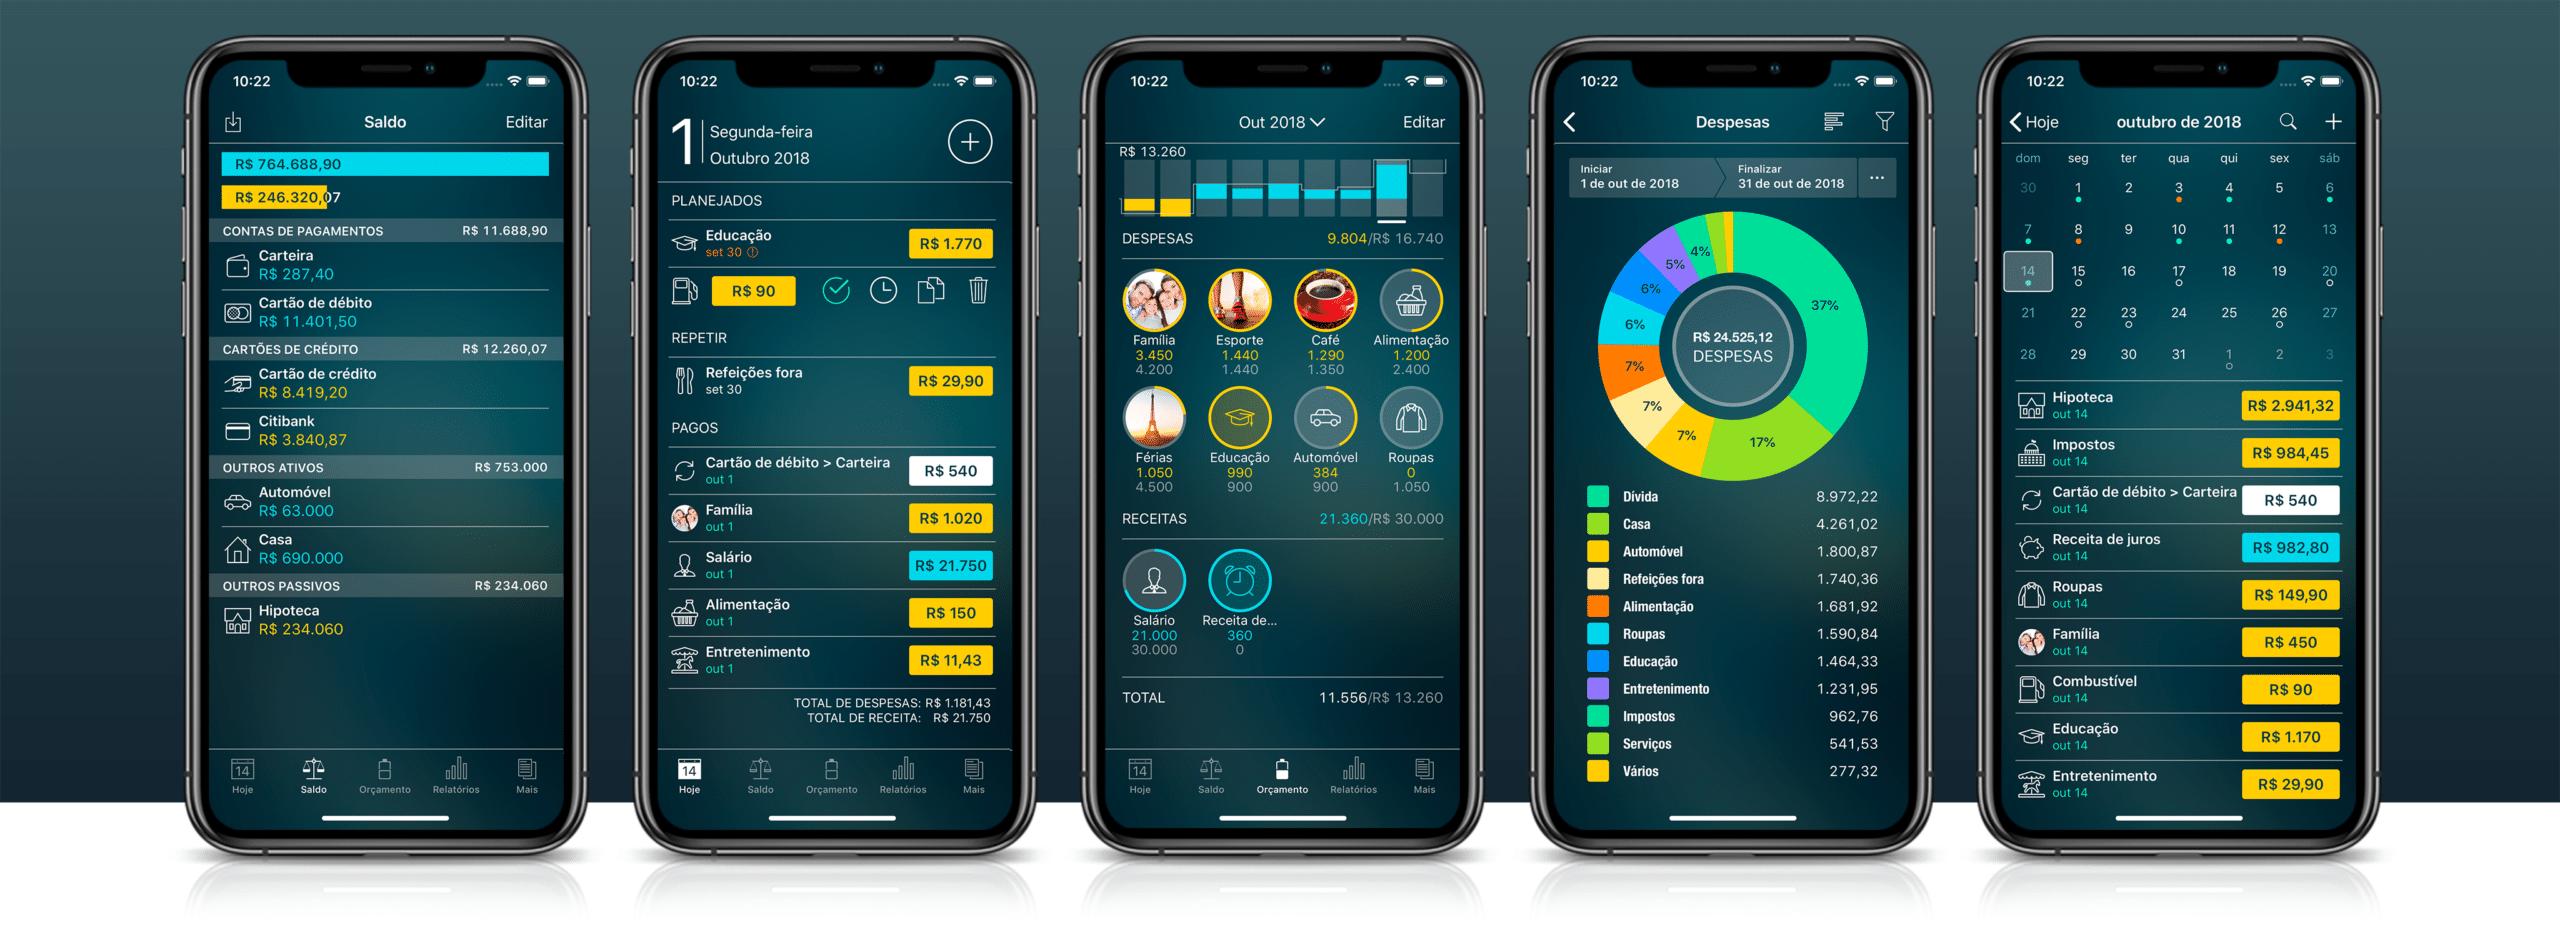 Tänane pakkumine App Store'is: Money Pro, valimiste aasta nokaud, SnapNDrag Pro ekraanipildid ja palju muud!